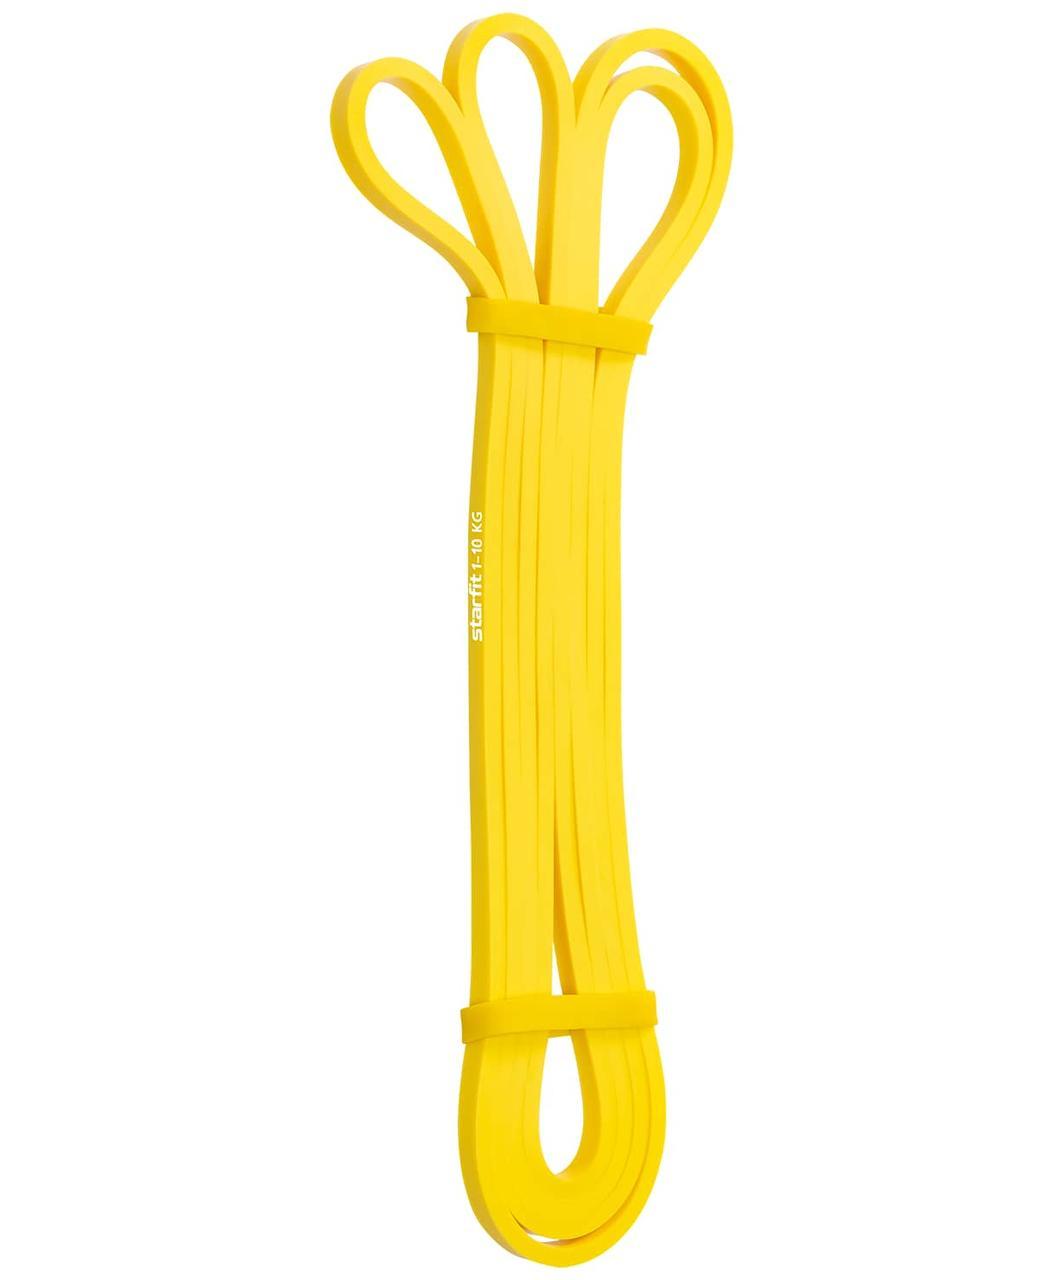 Эспандер многофункциональный ES-802 ленточный, 1-10 кг, 208х0,64